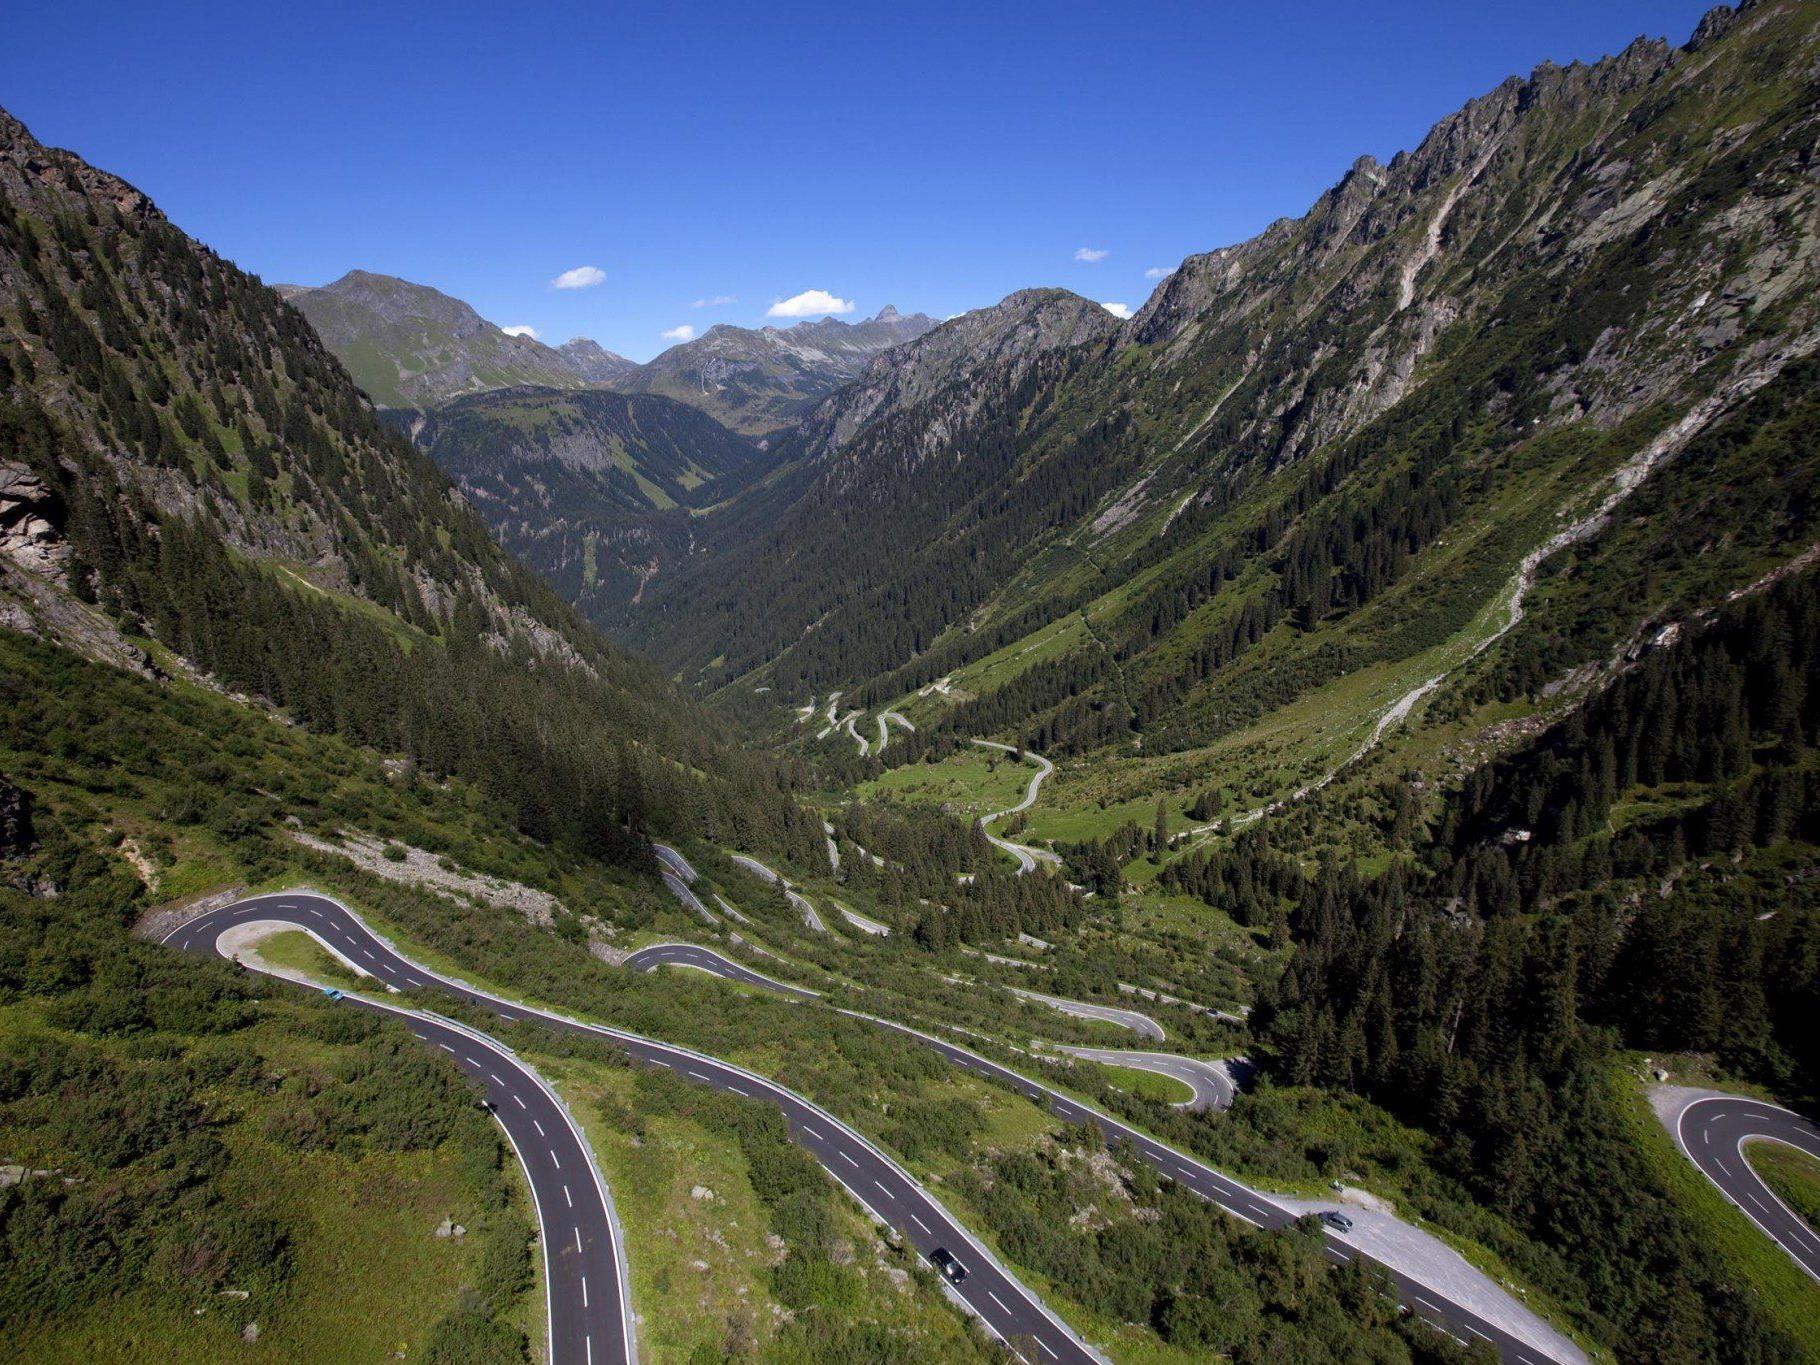 Am Samstag, 7. Juni: Aufhebung der Wintersperre der Silvretta-Hochalpenstraße zwischen Partenen im Montafon und Galtür.